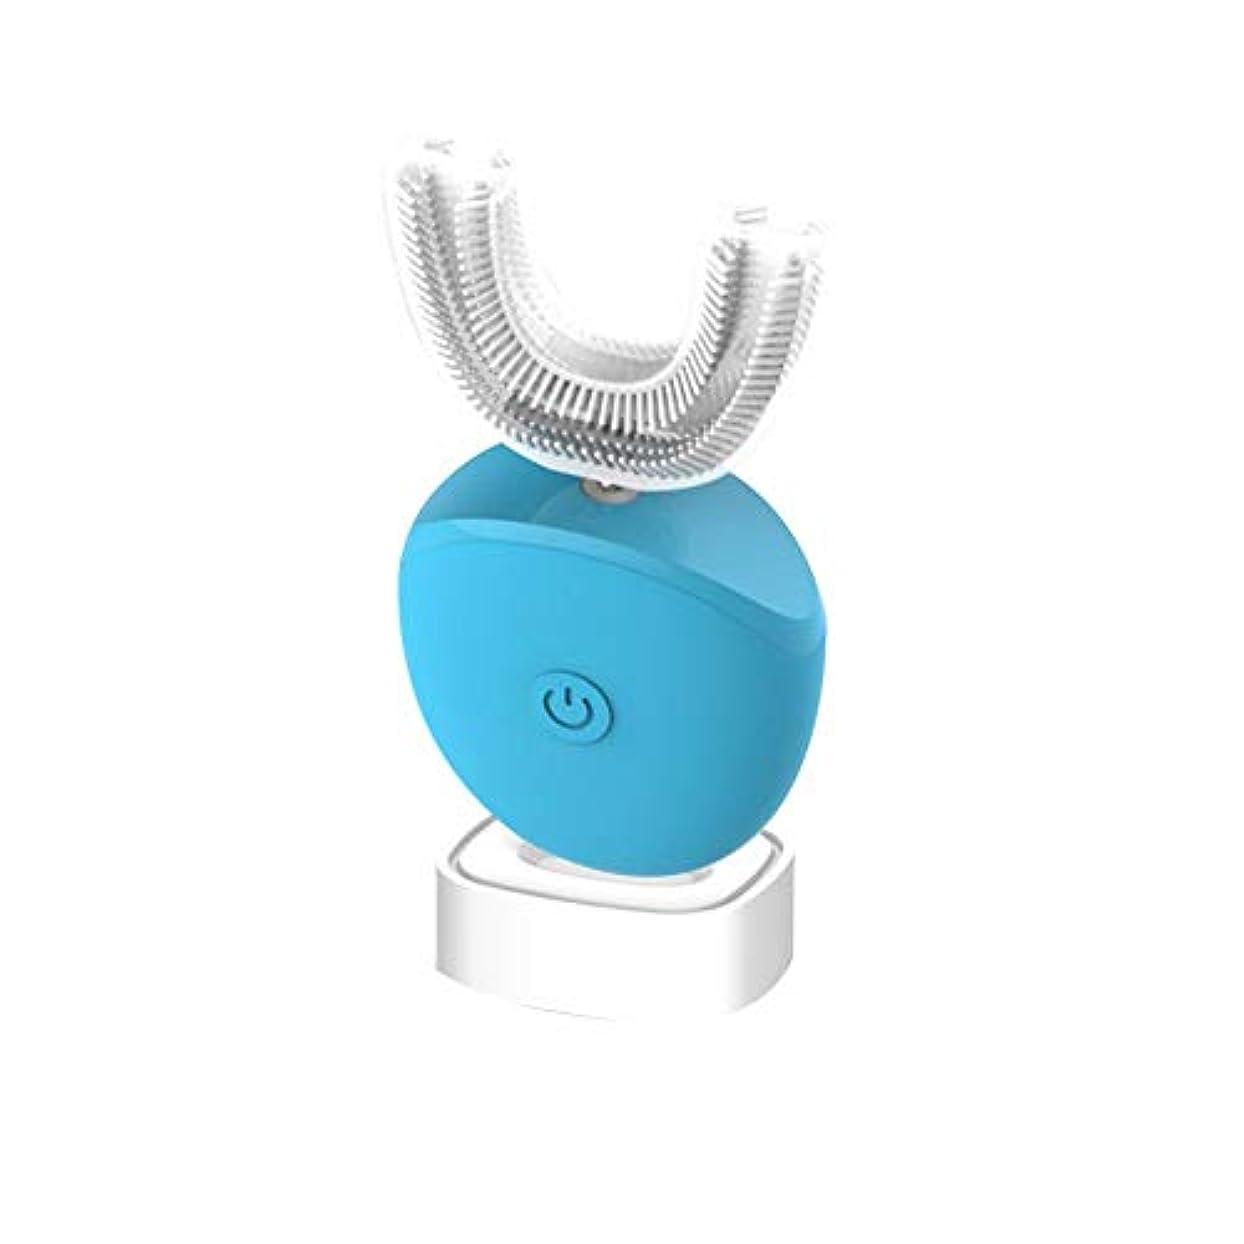 救援泣き叫ぶそれからフルオートマチック可変周波数電動歯ブラシ、自動360度U字型電動歯ブラシ、ワイヤレス充電IPX7防水自動歯ブラシ(大人用),Blue